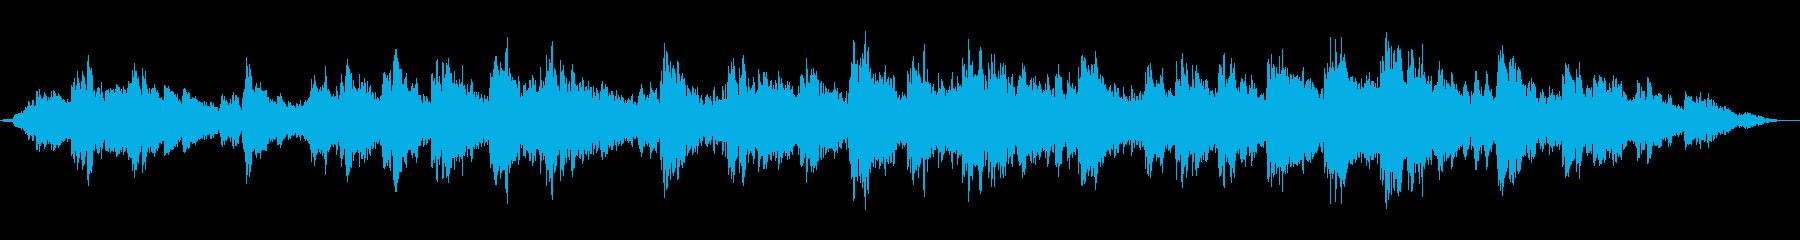 ポロンポロン不思議な雰囲気のアンビエントの再生済みの波形